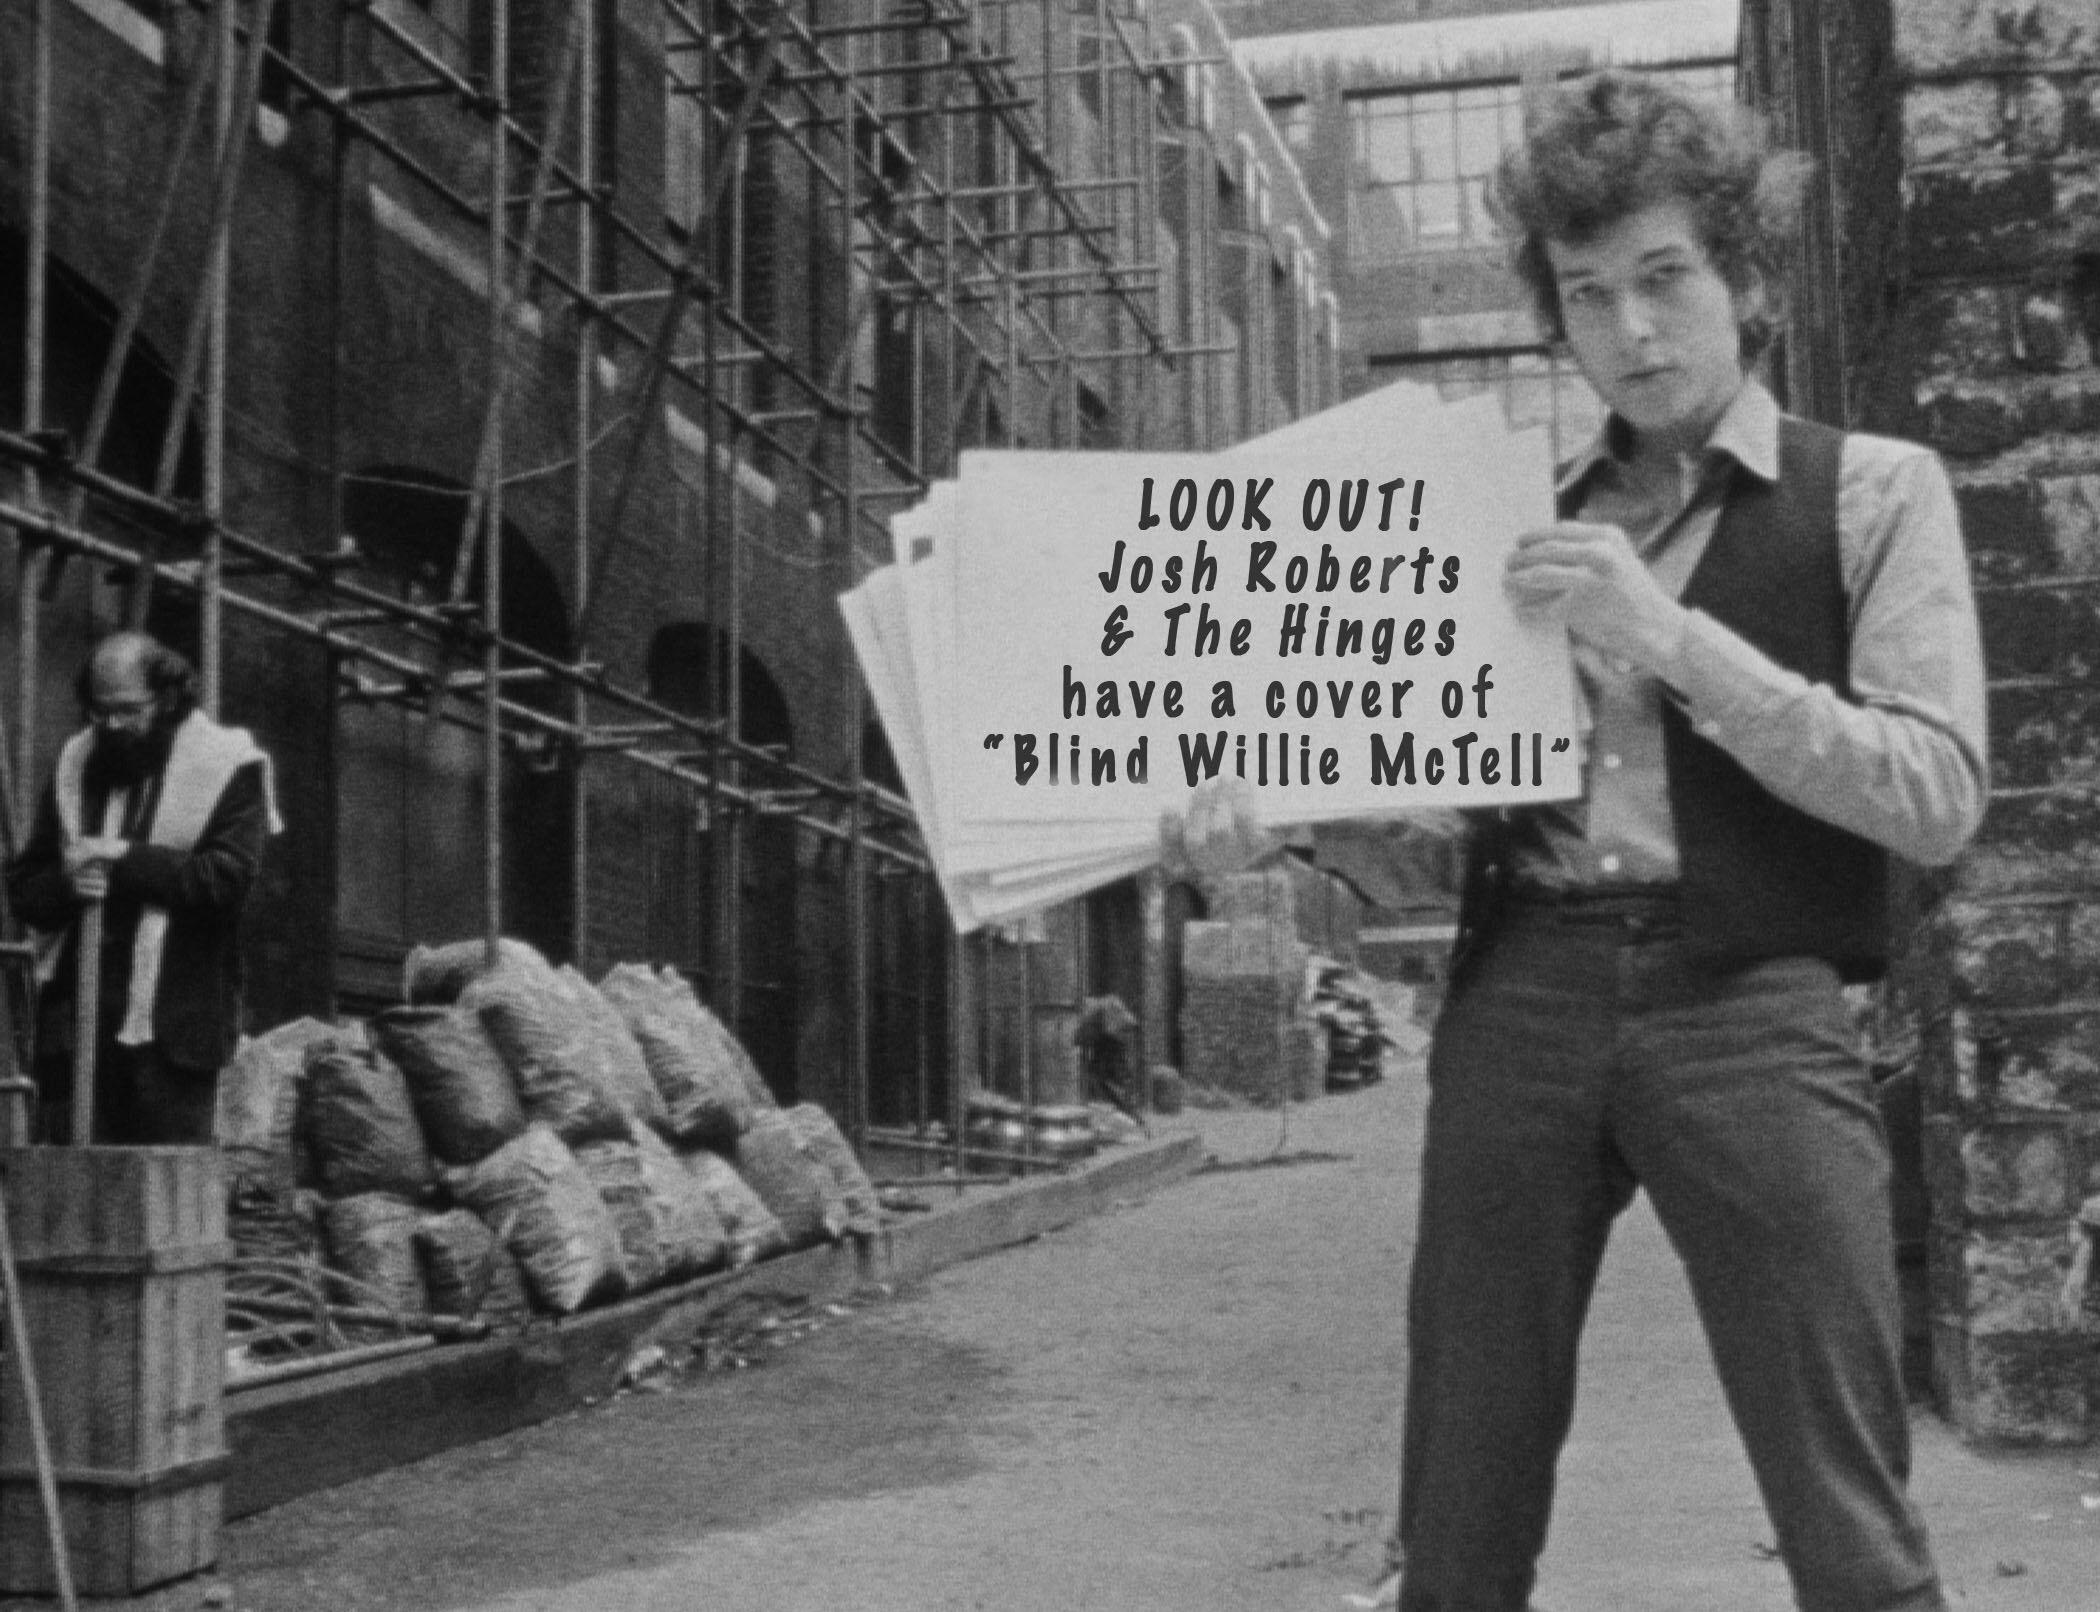 Blind Willie Mctell cover.JPG